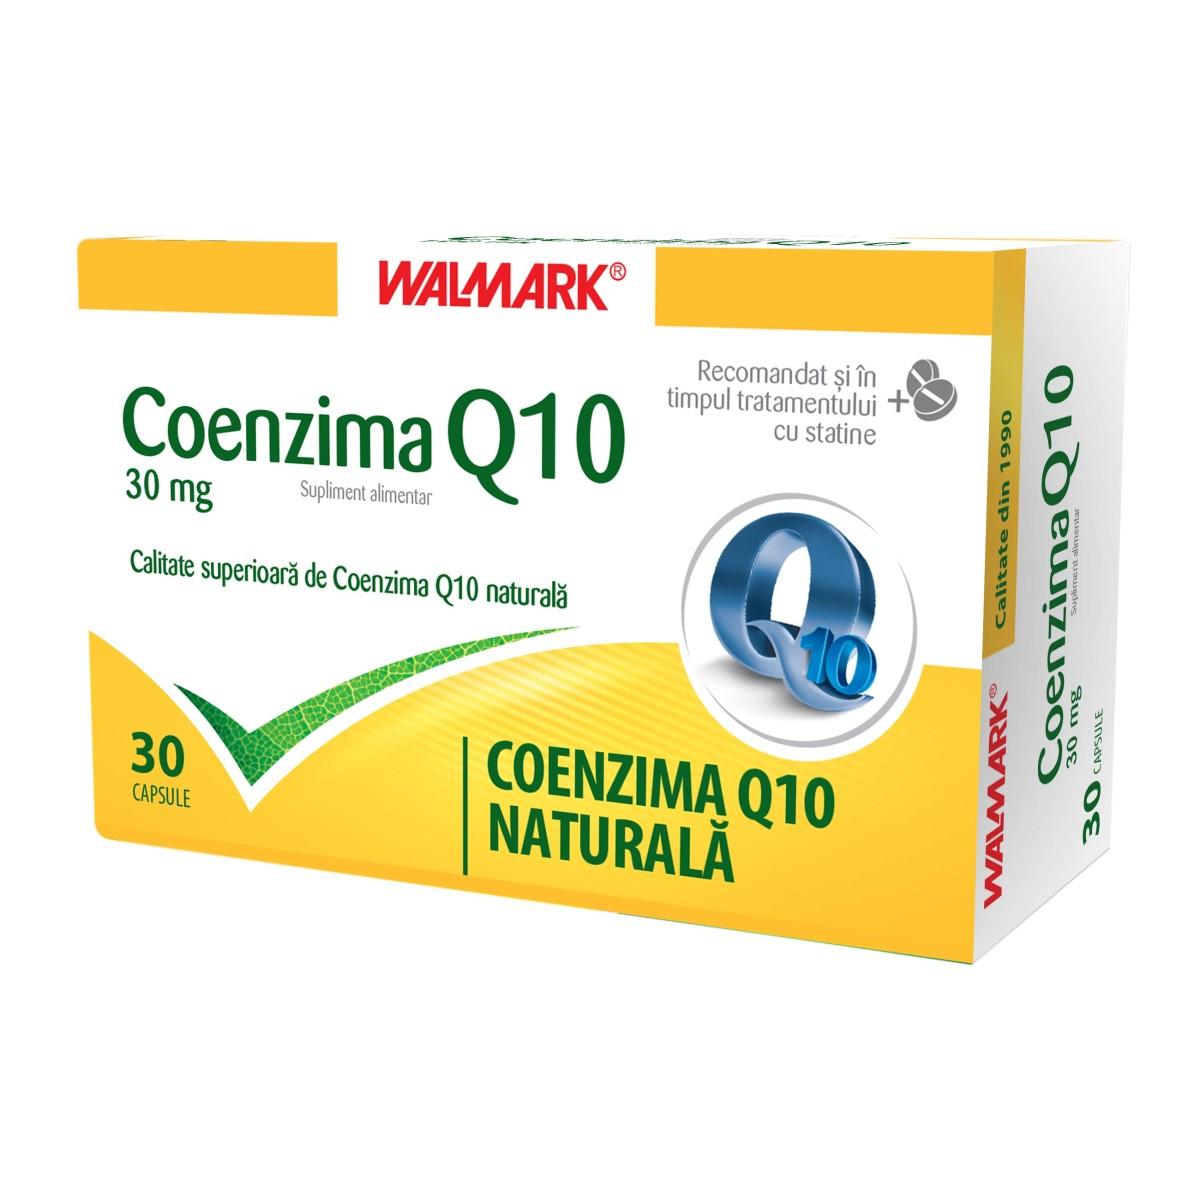 Coenzima Q10 30mg, 30 capsule, Walmark